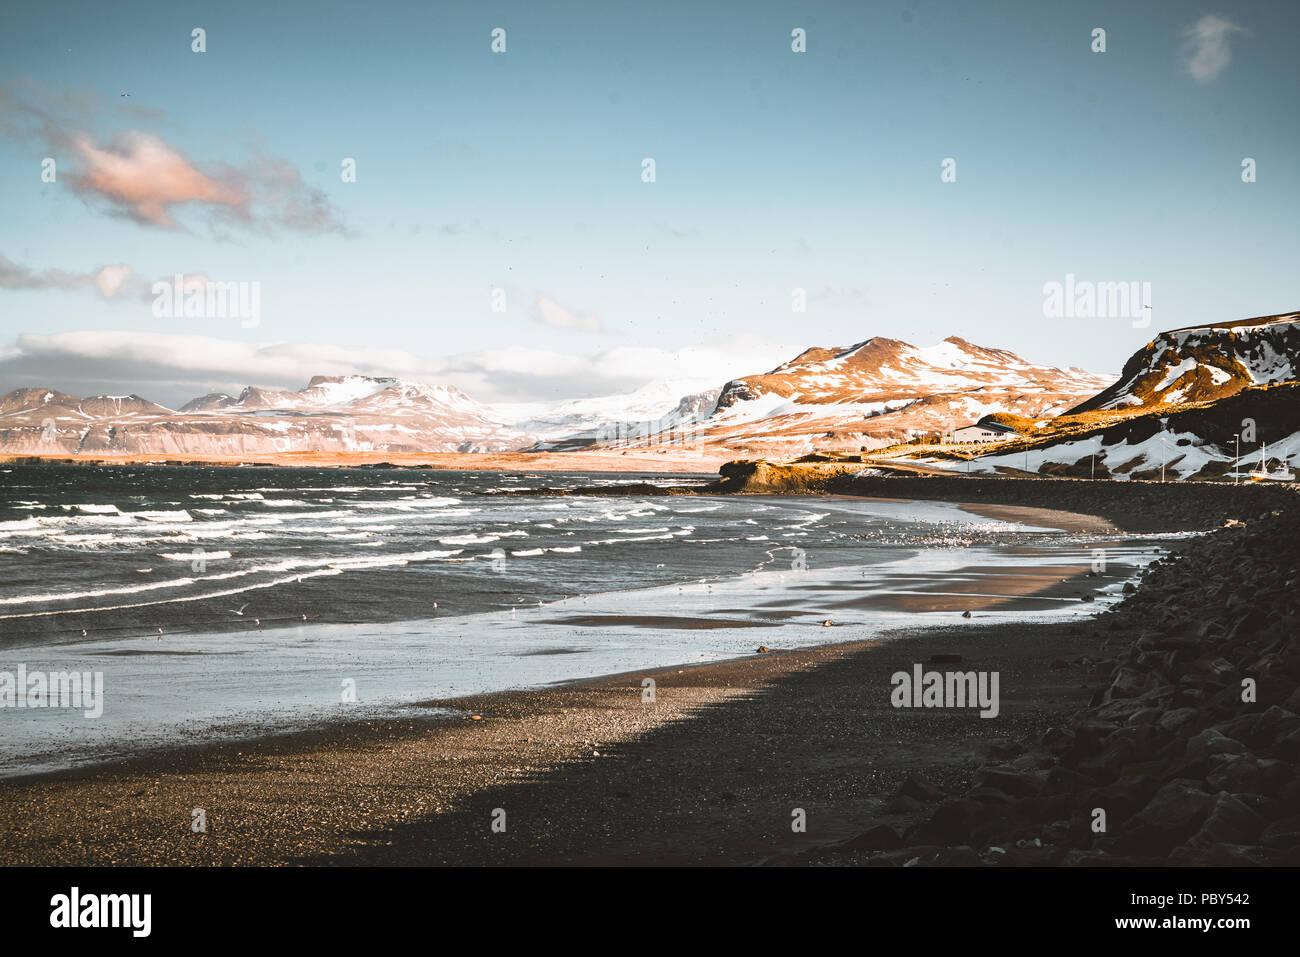 Snaefellsnes Weste Islandia con vista al mar, con playa y montañas y cielo azul en el fondo. Imagen De Stock